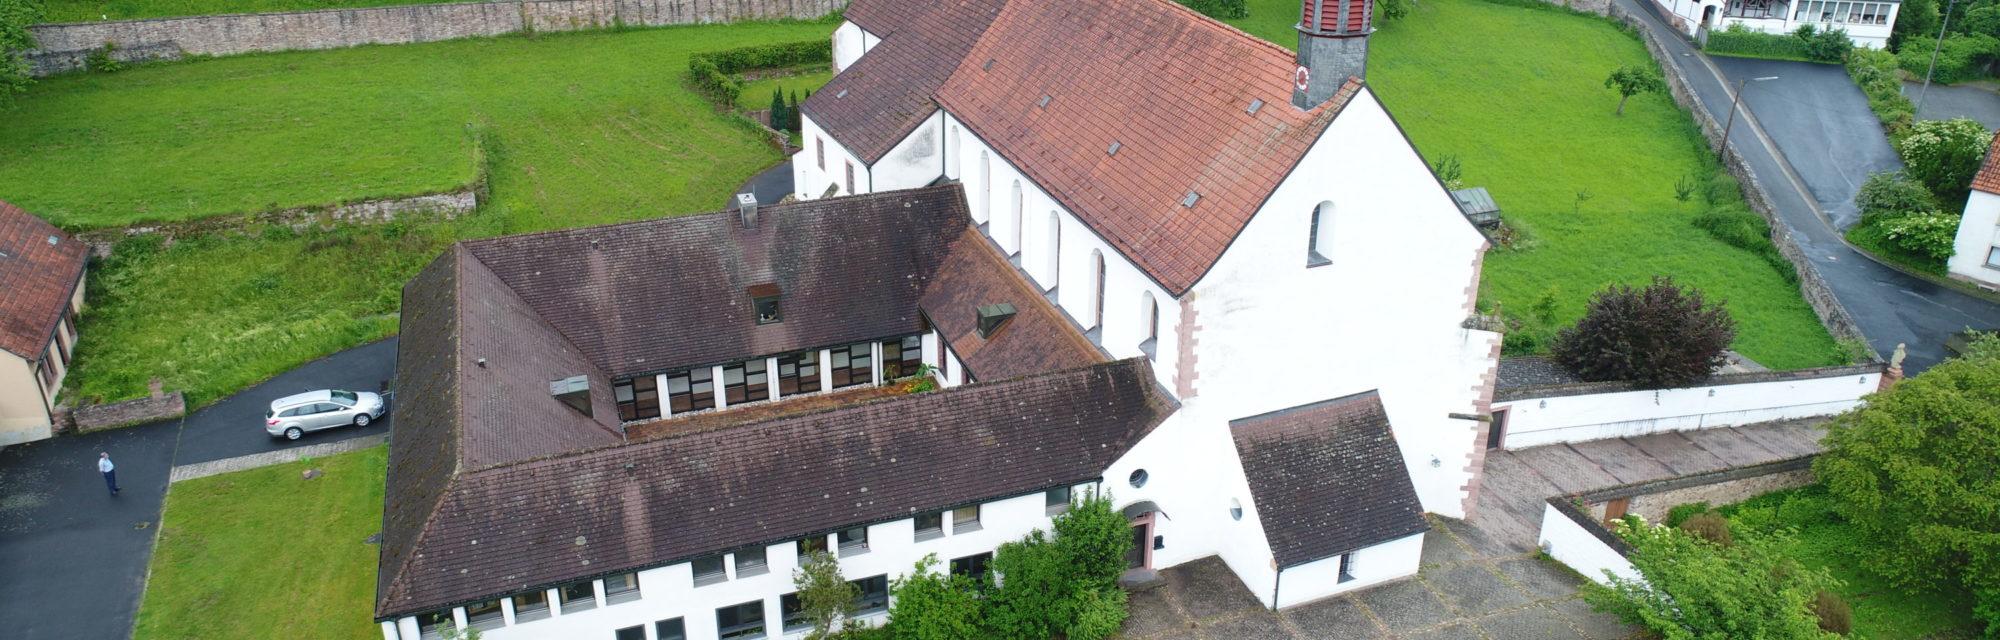 Luftbild Kloster Schönau